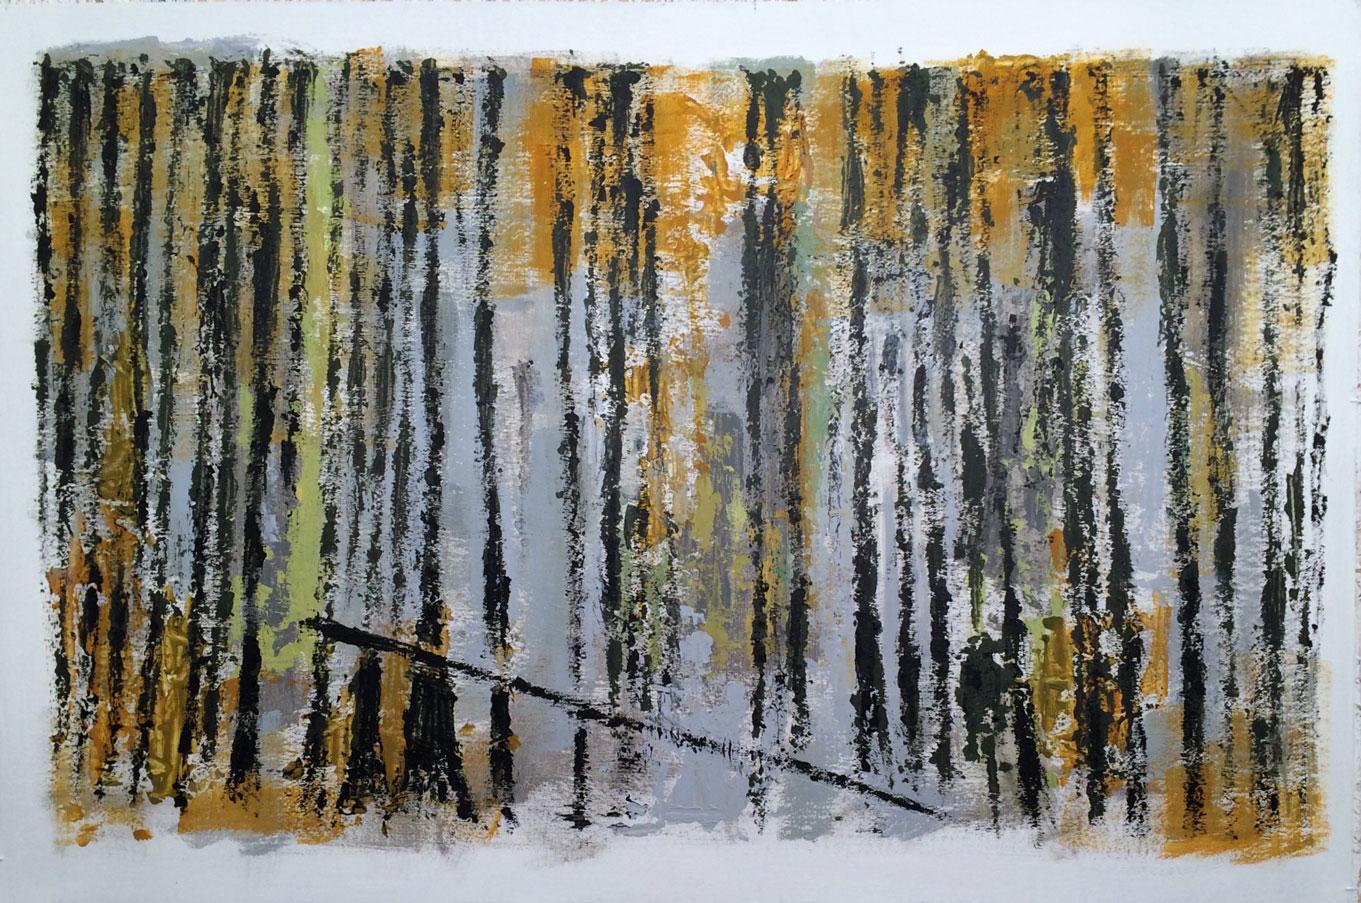 N° 2446 - Forêt / L'hiver - Acrylique et pigments sur carton - 80 x 120 cm - 4 mai 2016